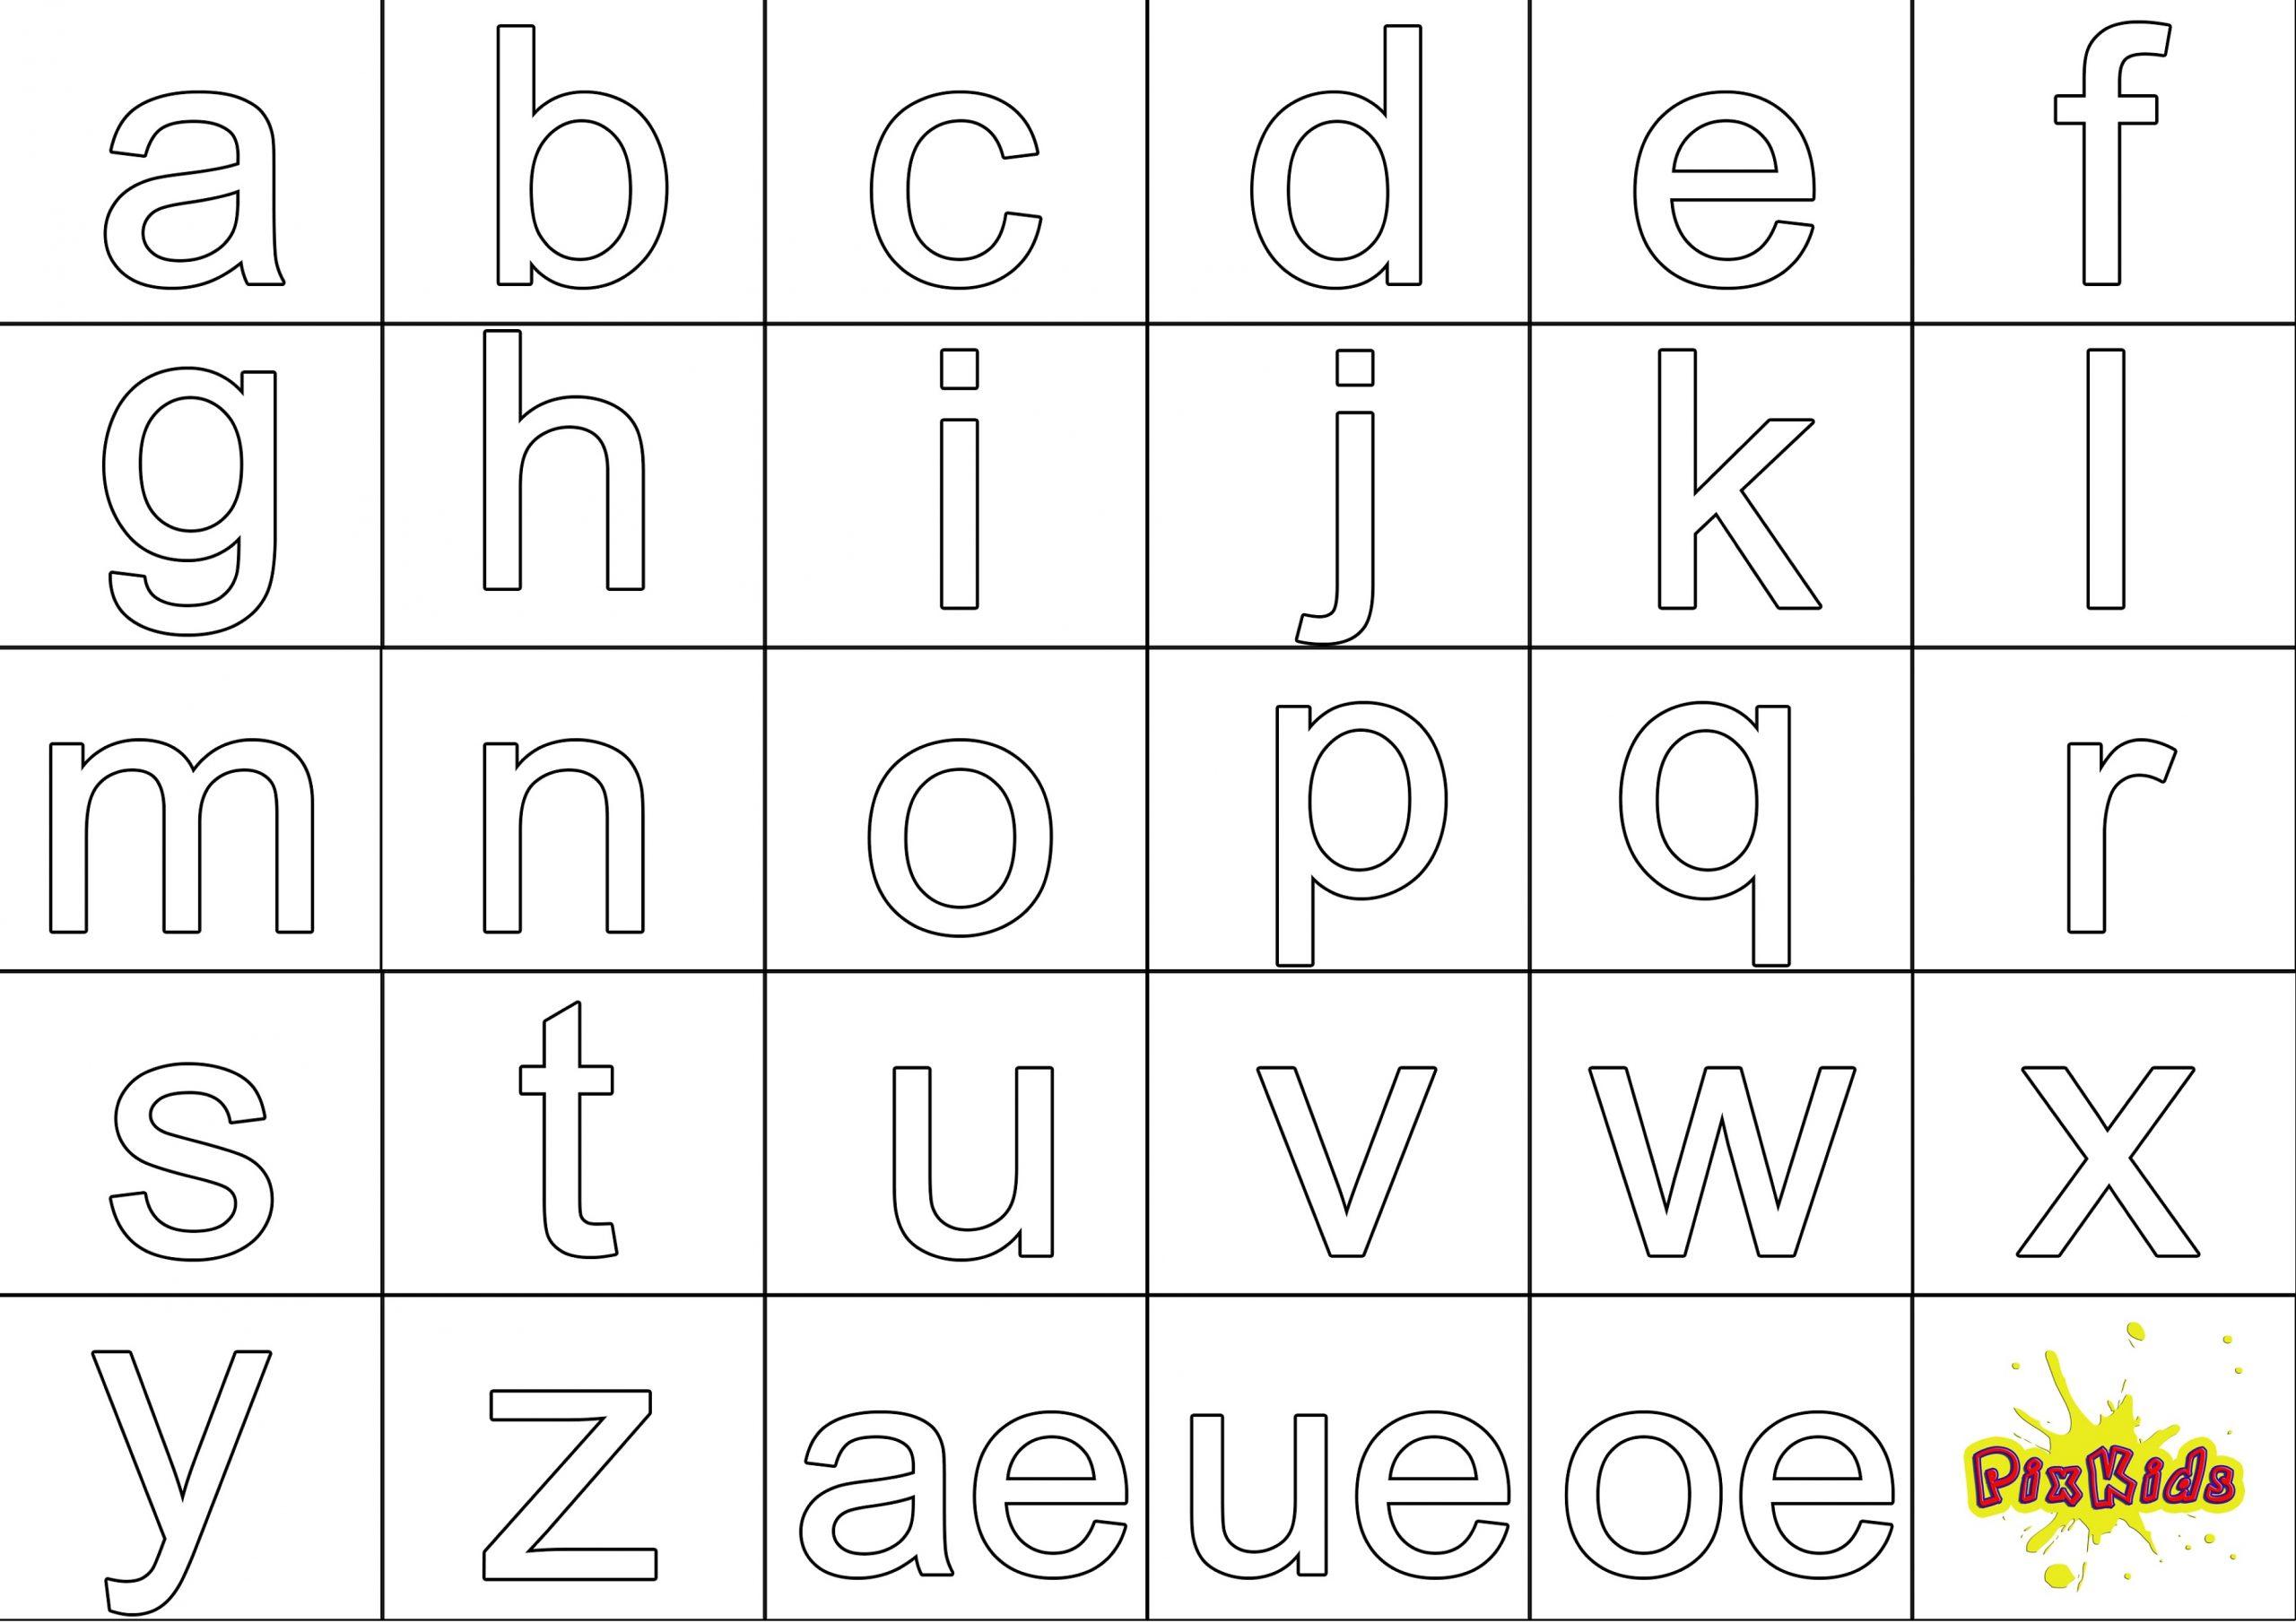 Ausmalbild Abc - Kostenlose Malvorlagen in Abc Buchstaben Zum Ausdrucken